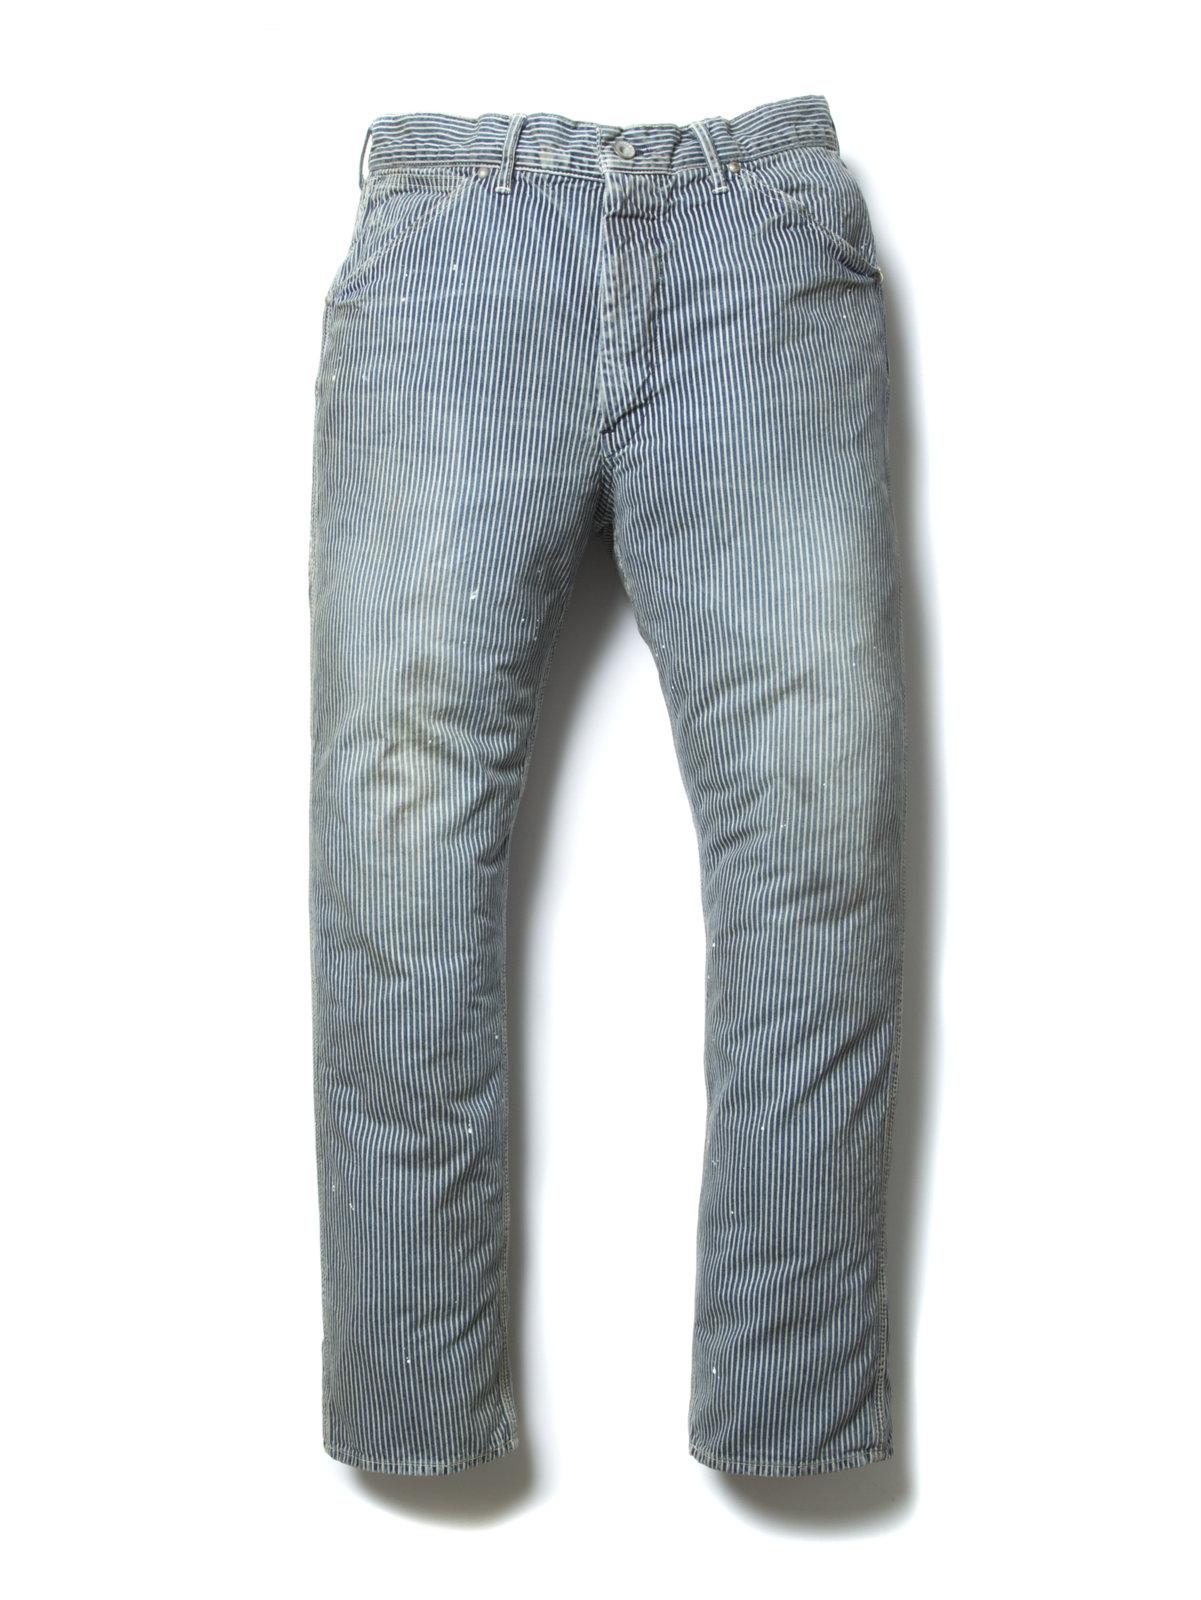 Junkman Painter Pants-Hickory-